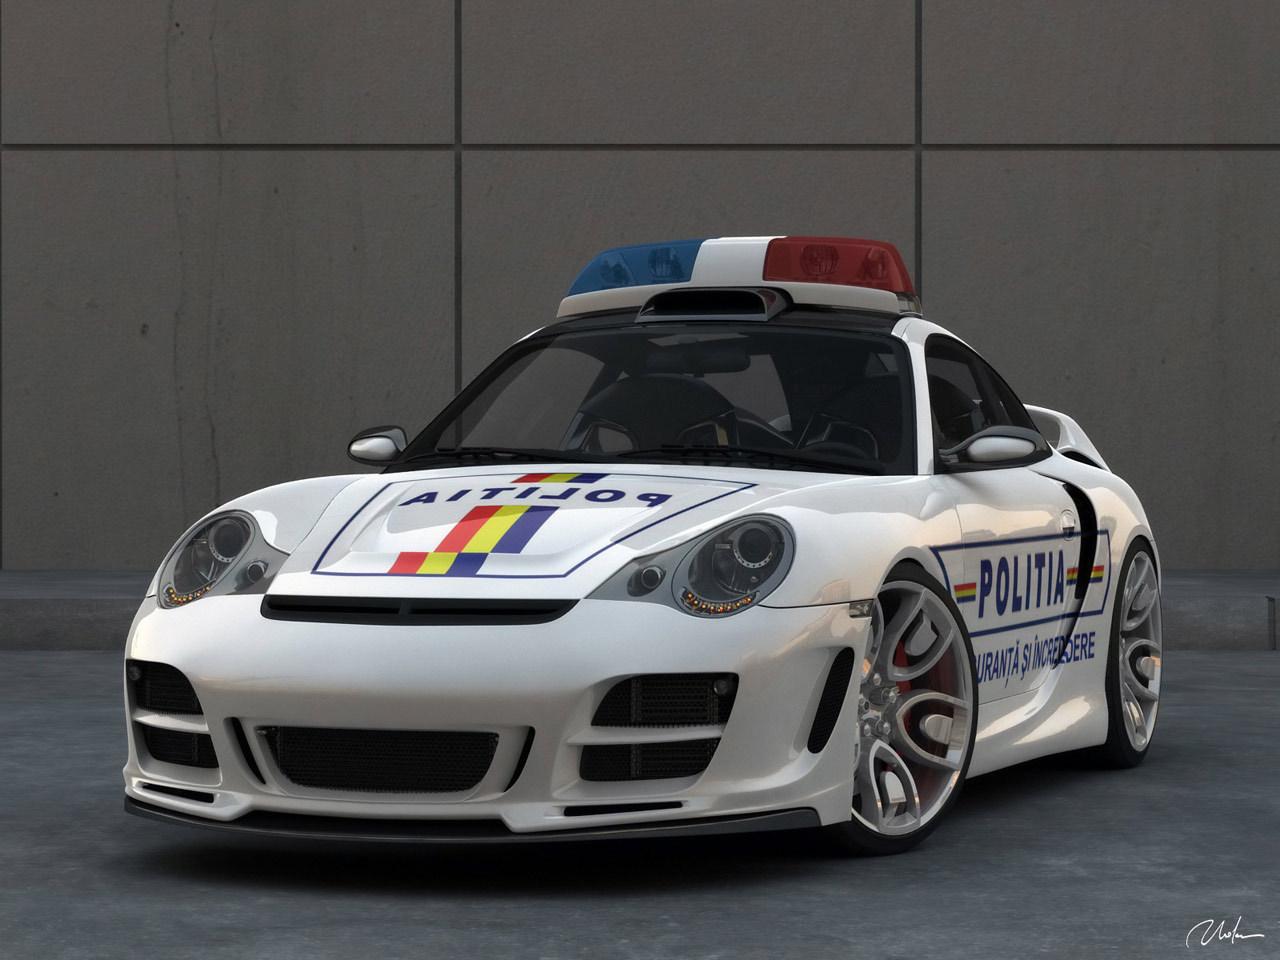 PORSCHE 911 TUNING  POLICE CAR  Porsche Wallpaper 14319134